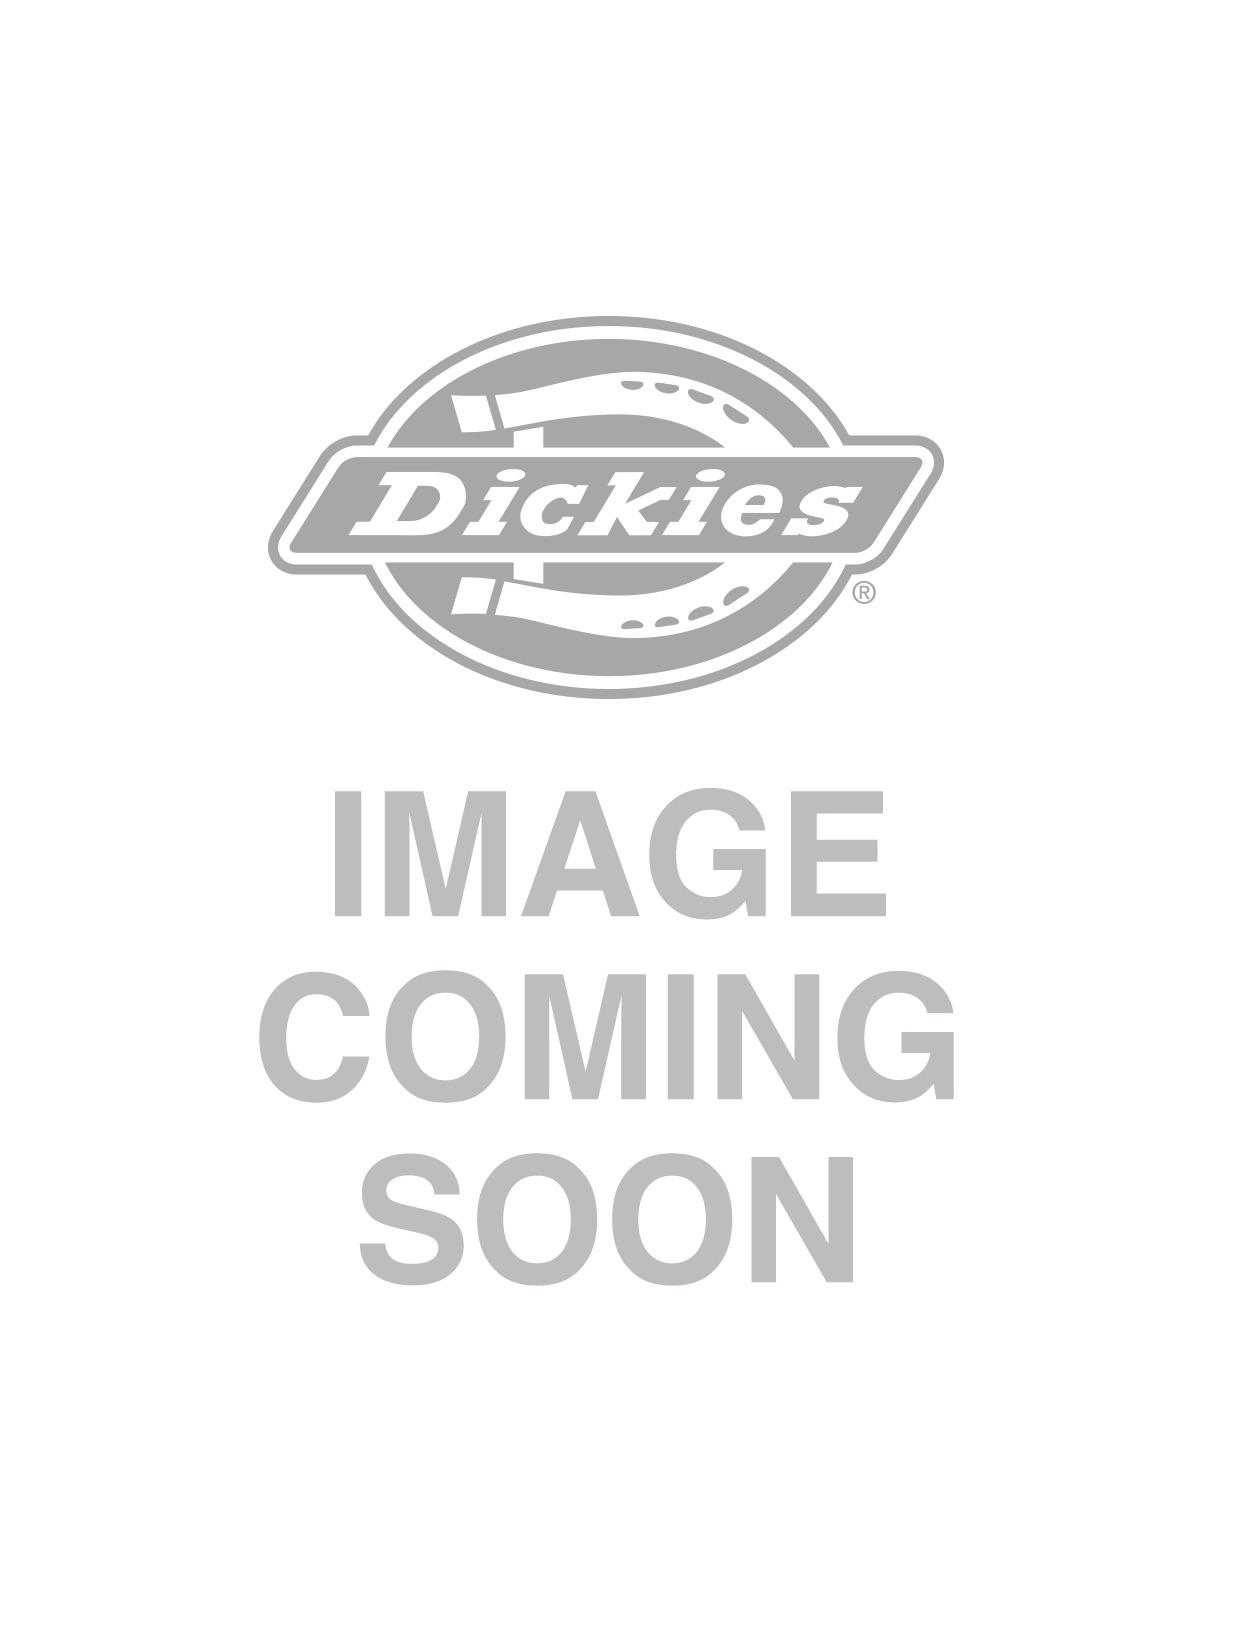 Dickies Valley Grove Socks